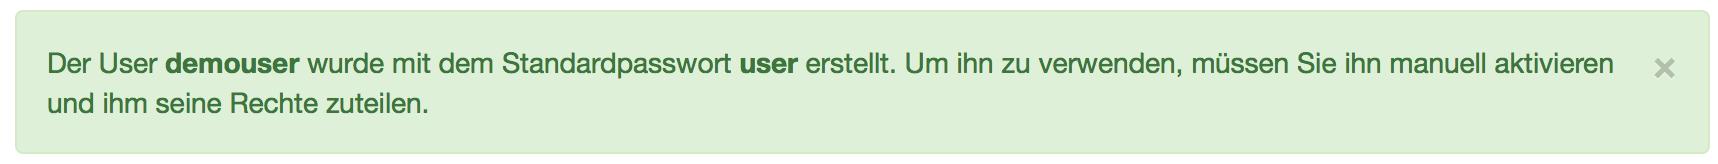 User-Passwort-Anzeige